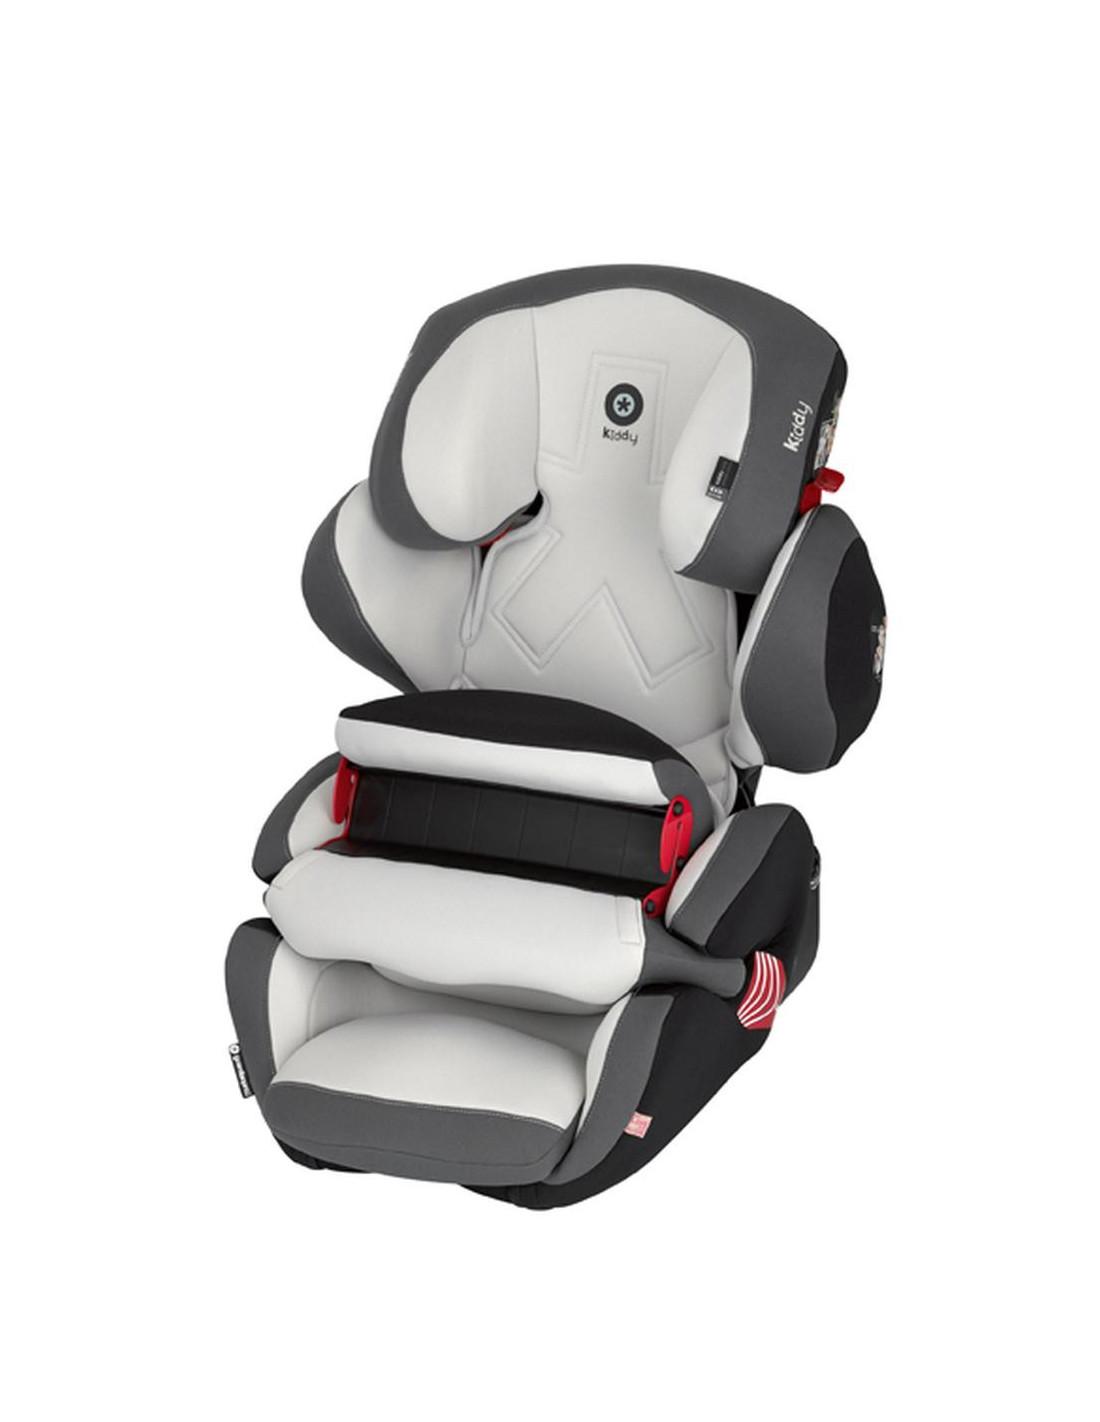 Kiddy guardian pro 2 grupo 1 2 3 la silla de auto m s segura for Silla auto grupo 1 2 3